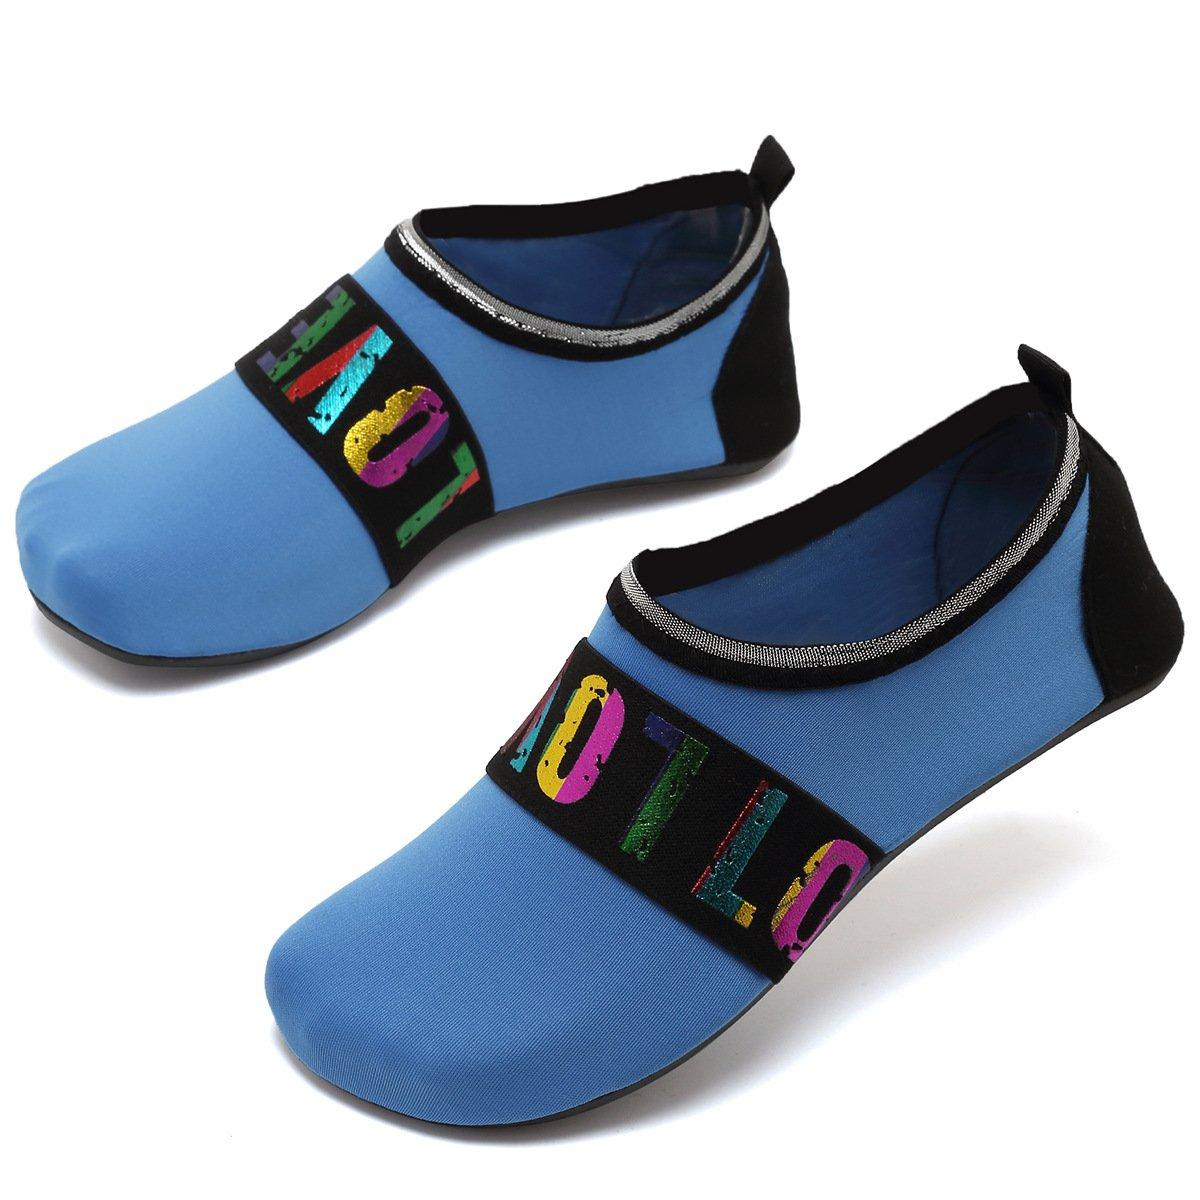 Zapatillas de deporte acuáticas VIFUUR Calcetines de yoga Aqua de secado  rápido sin cordones Slip-on para hombres Mujeres Niños Loveblue 48d001720c5